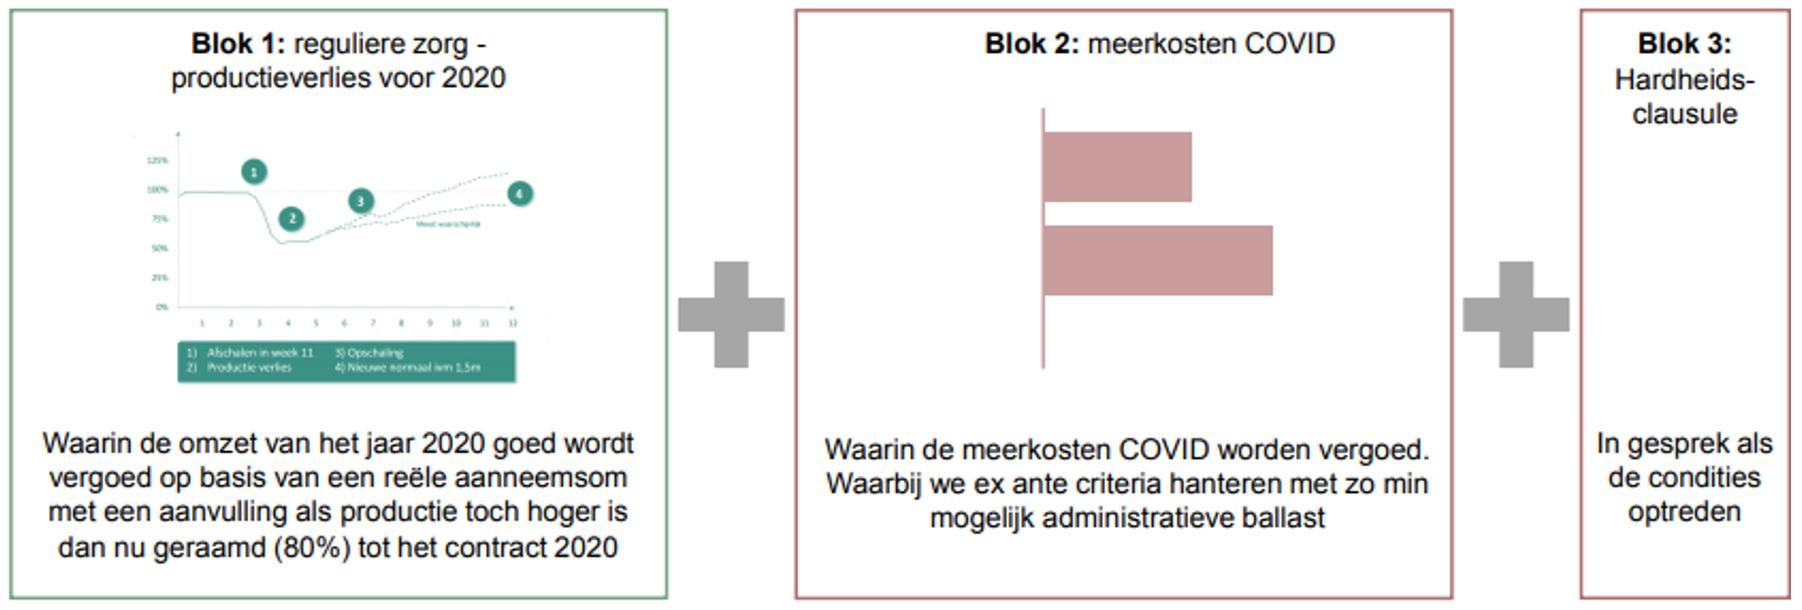 De-hoofdlijnen-continuïteitsbijdrage-voor-ziekenhuizen-en-umc's-in-verband-met-covid-19